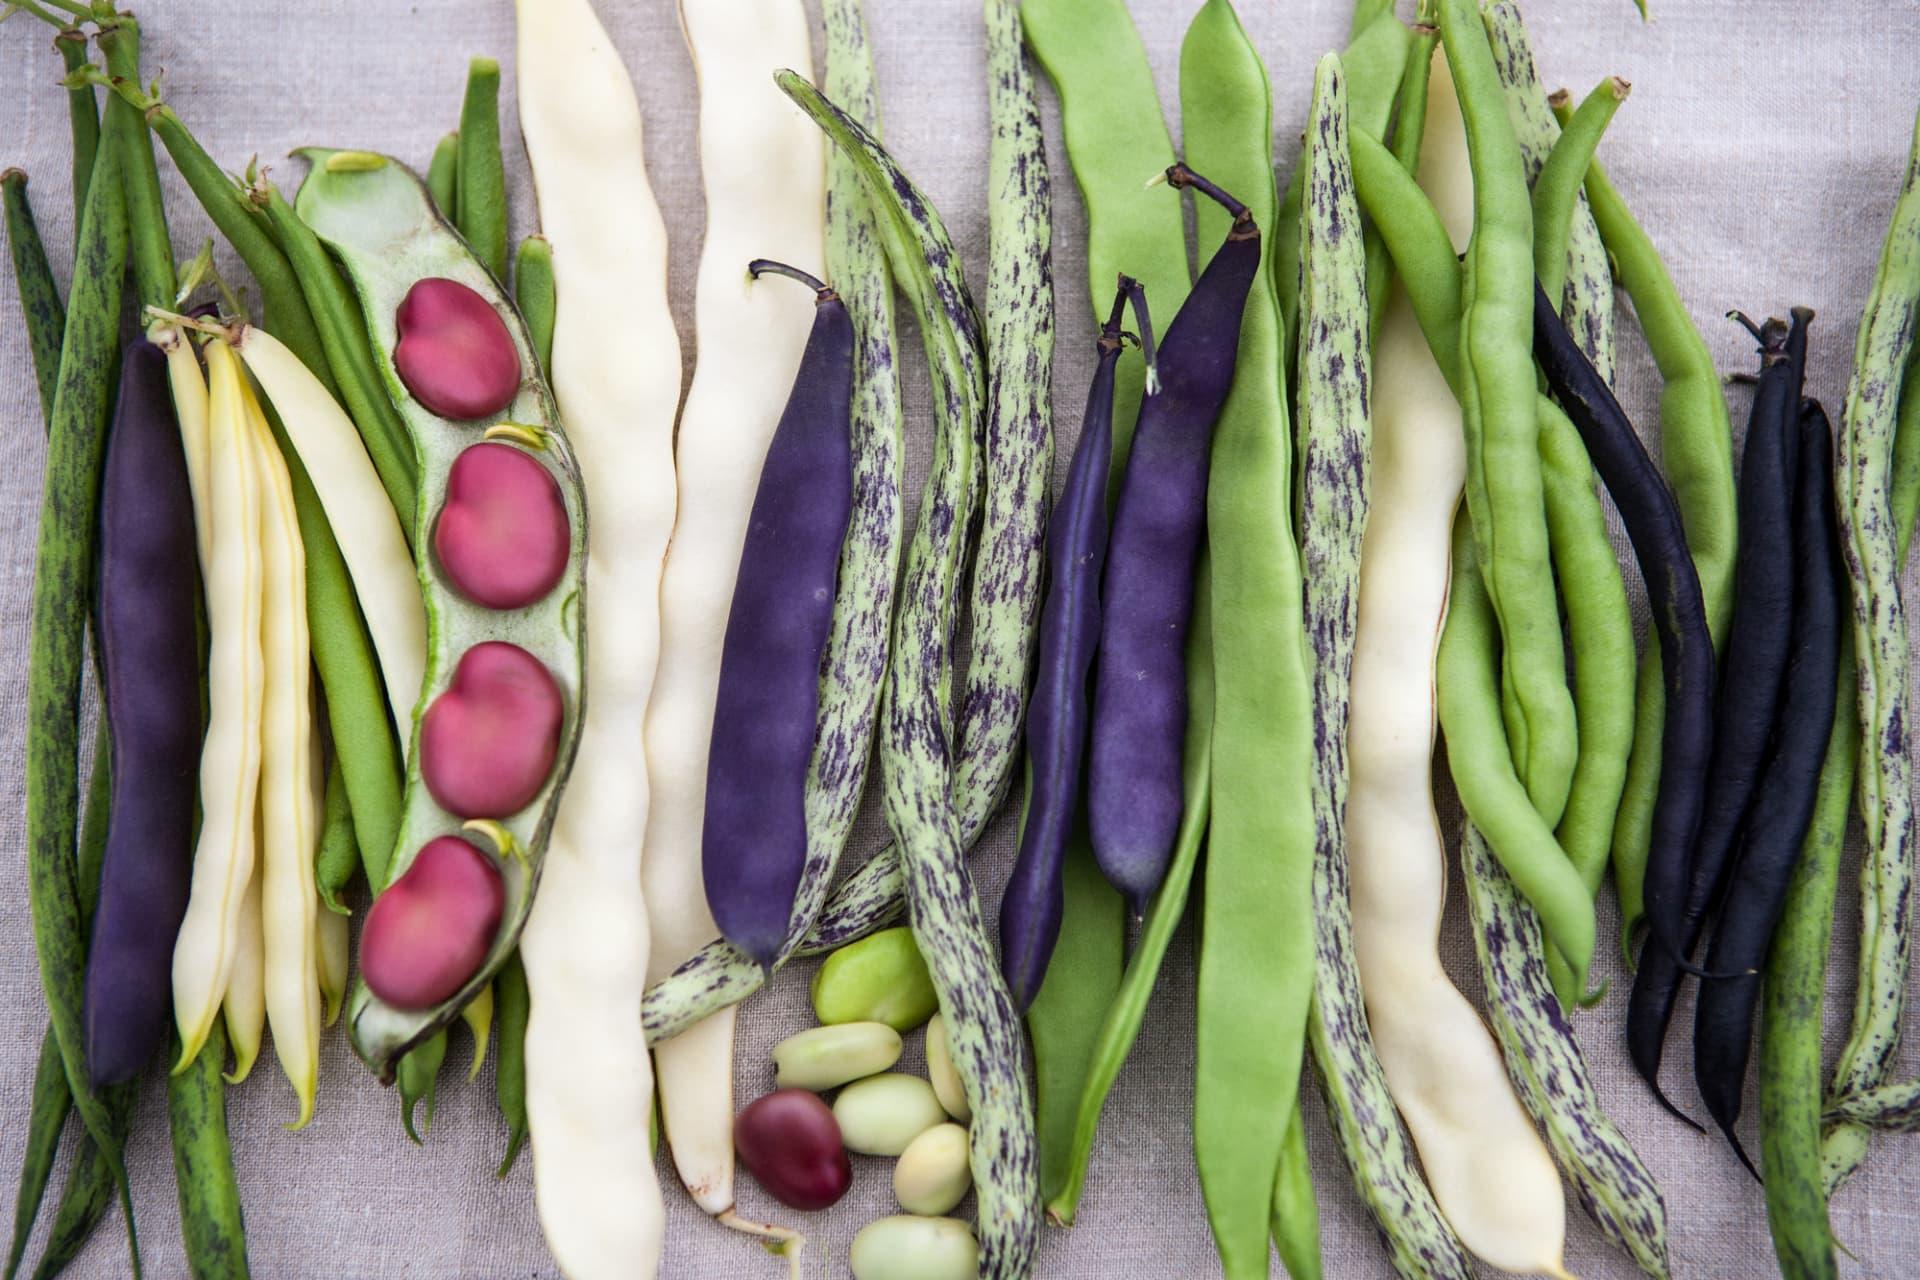 Här blandannat strimmiga 'Berner Landfrauen', mörklila 'Purple Queen', gröna och ljusgula skärbönor.